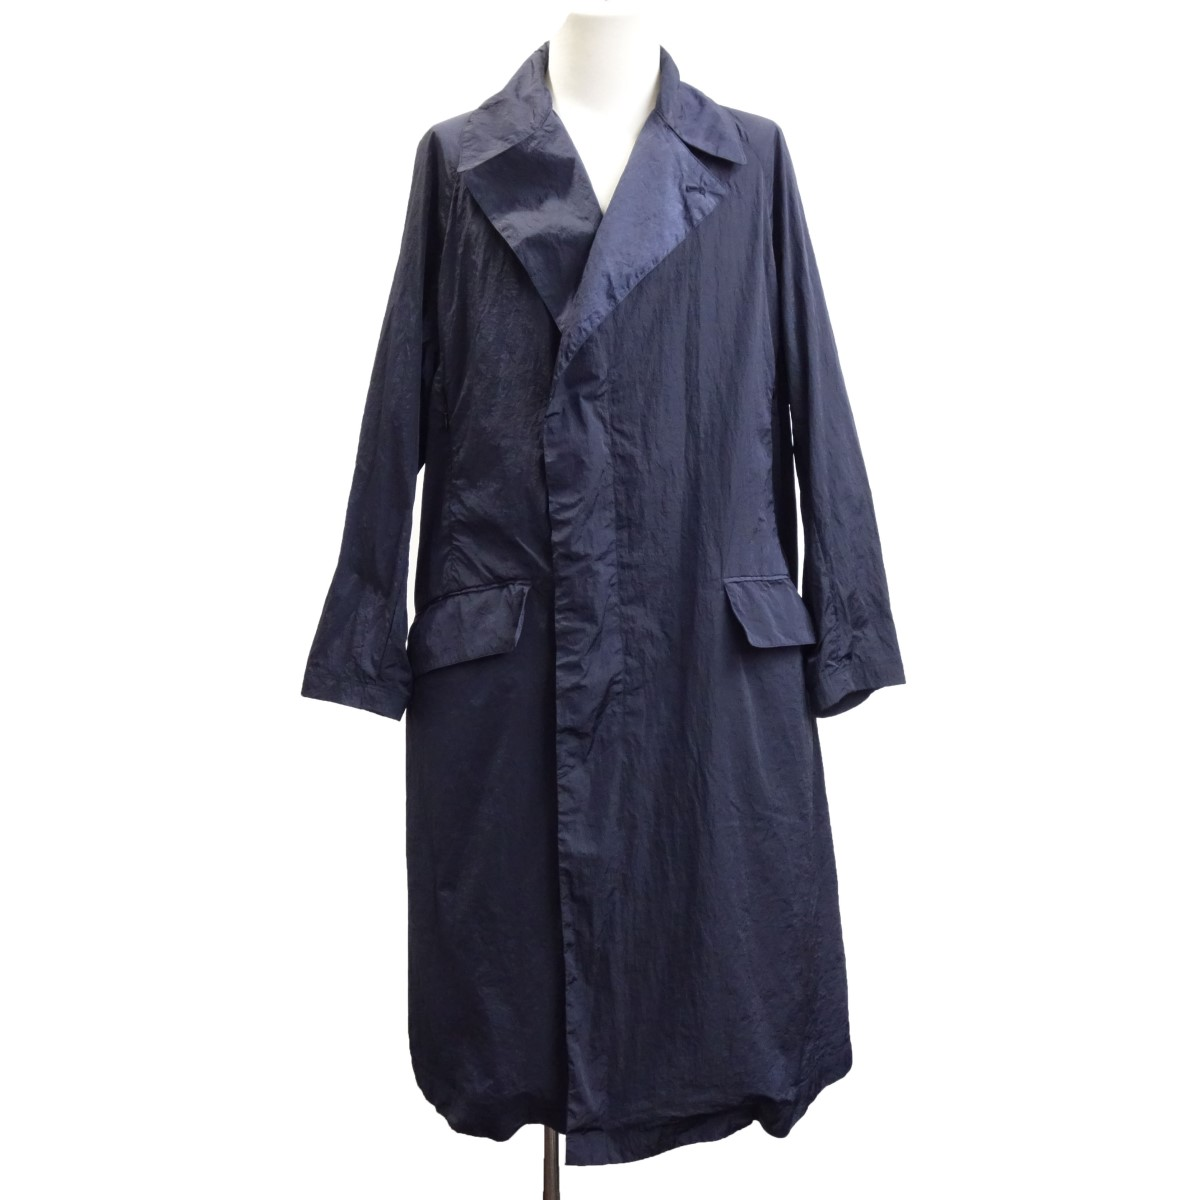 【中古】TEATORA 「Device Coat LIMONTA packable」 デバイスナイロンコート ネイビー サイズ:1 【080620】(テアトラ)